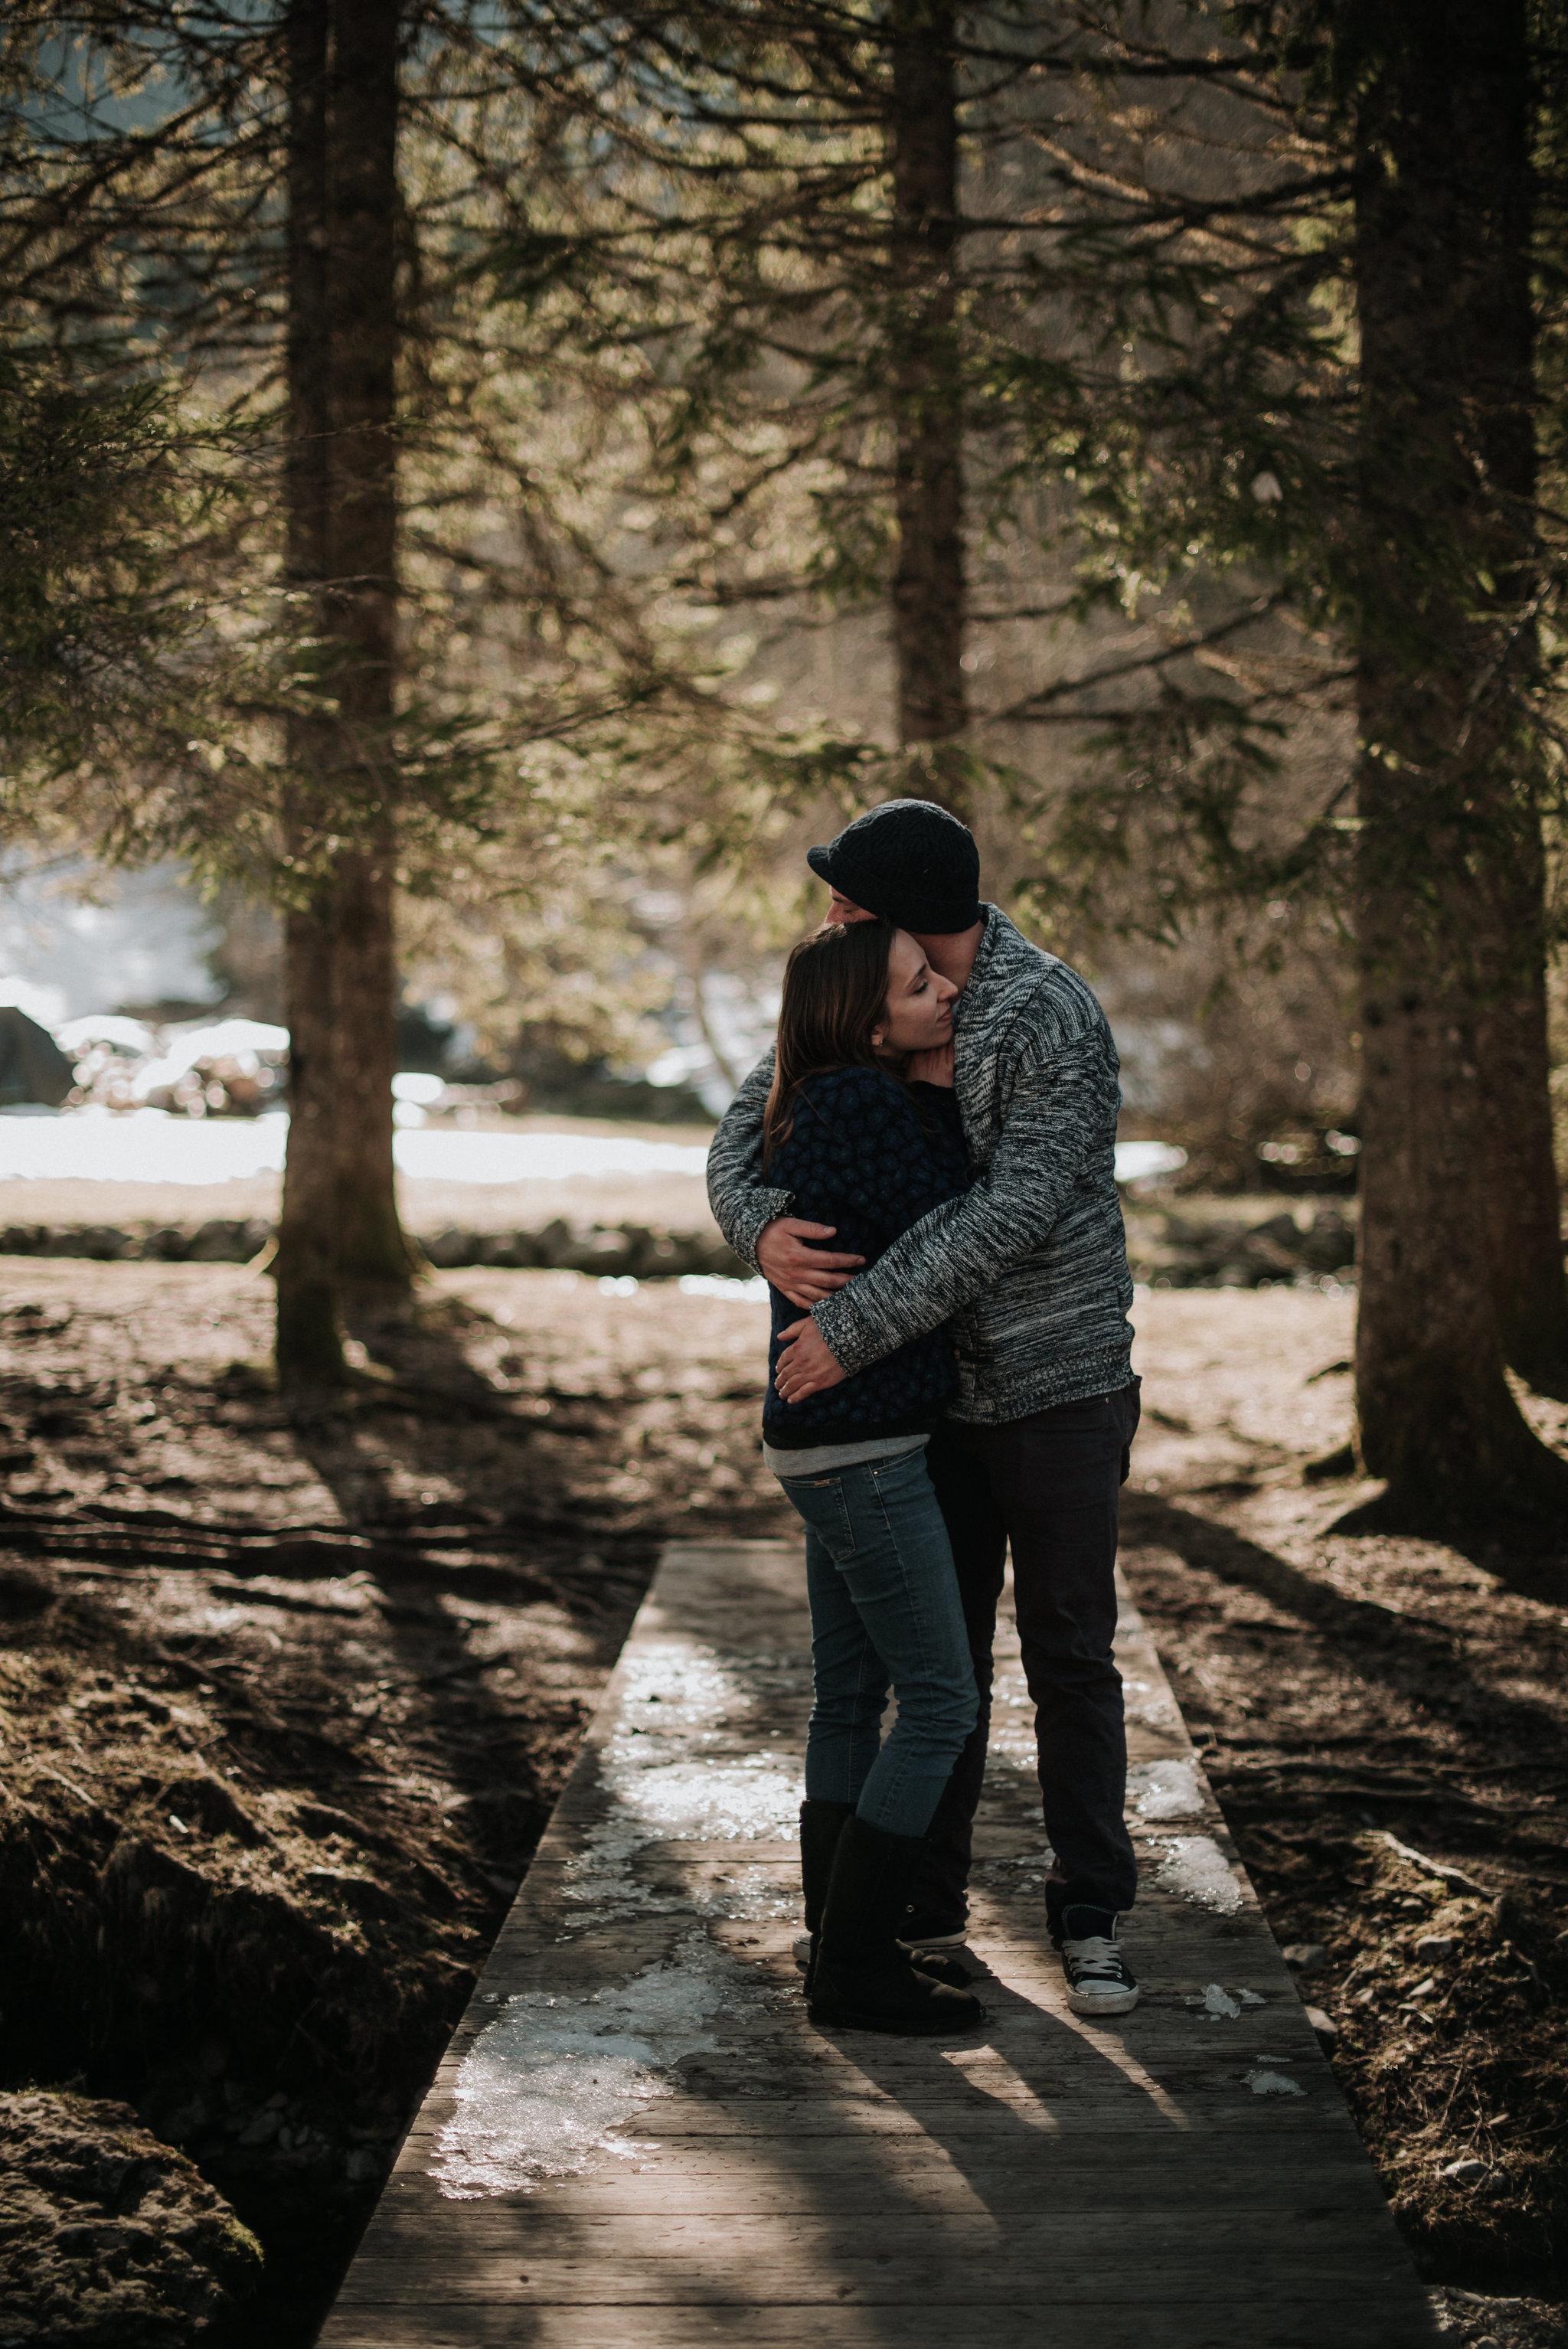 Léa-Fery-photographe-professionnel-lyon-rhone-alpes-portrait-creation-mariage-evenement-evenementiel-famille-5318.jpg